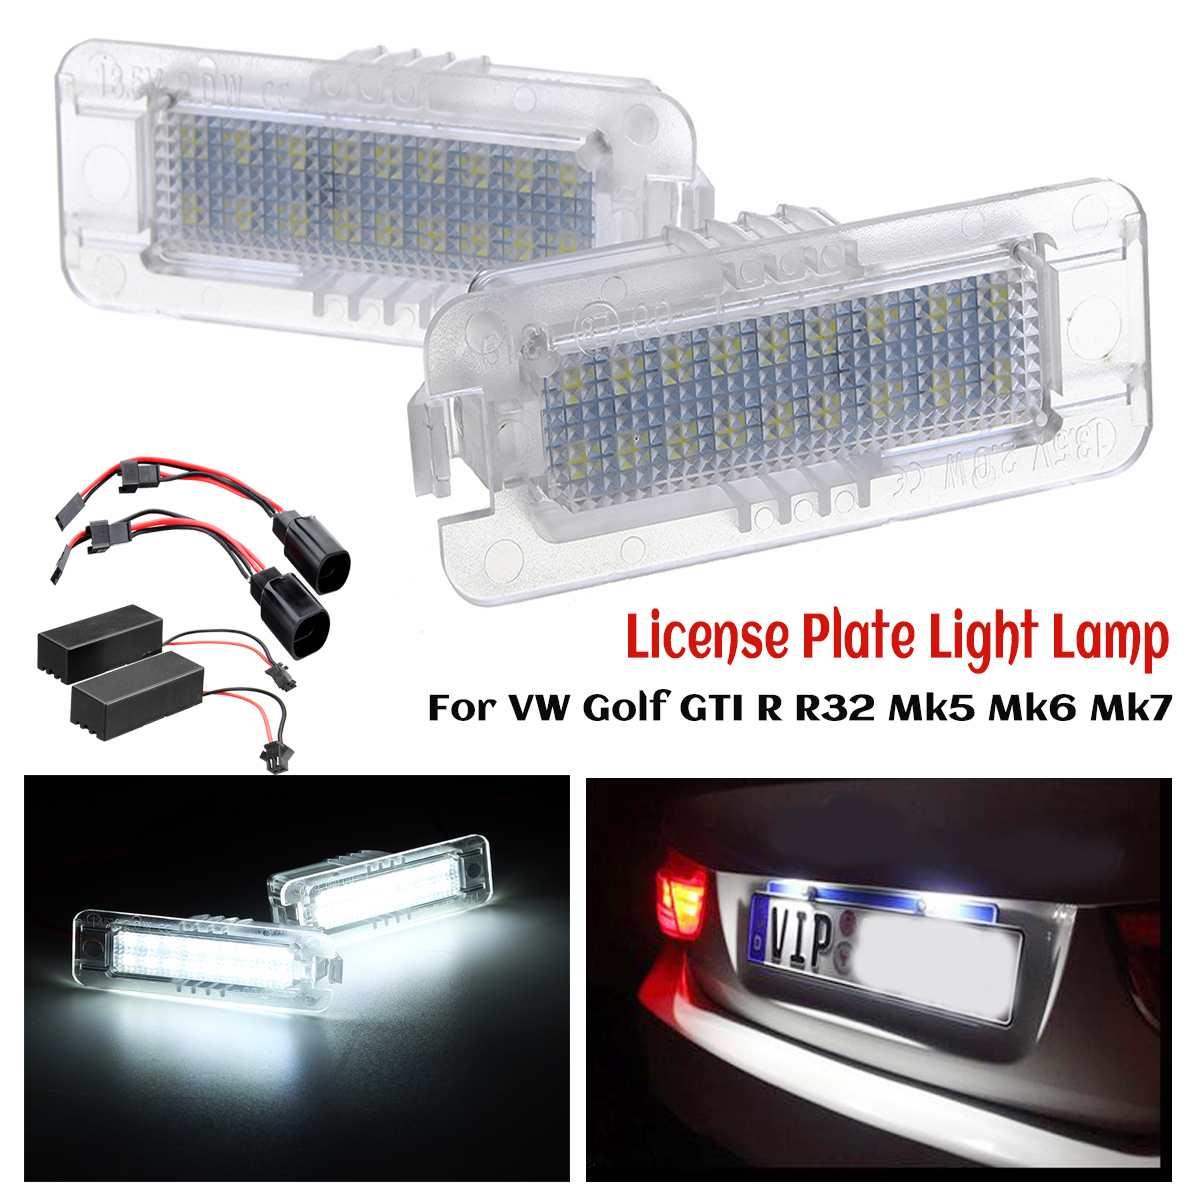 Erreur Canbus LED feux de plaque d'immatriculation pour VW Golf GTI R R32 Mk4 Mk5 Mk6 Mk7 1997-2018 pour VW Polo Scirocco Passat CC